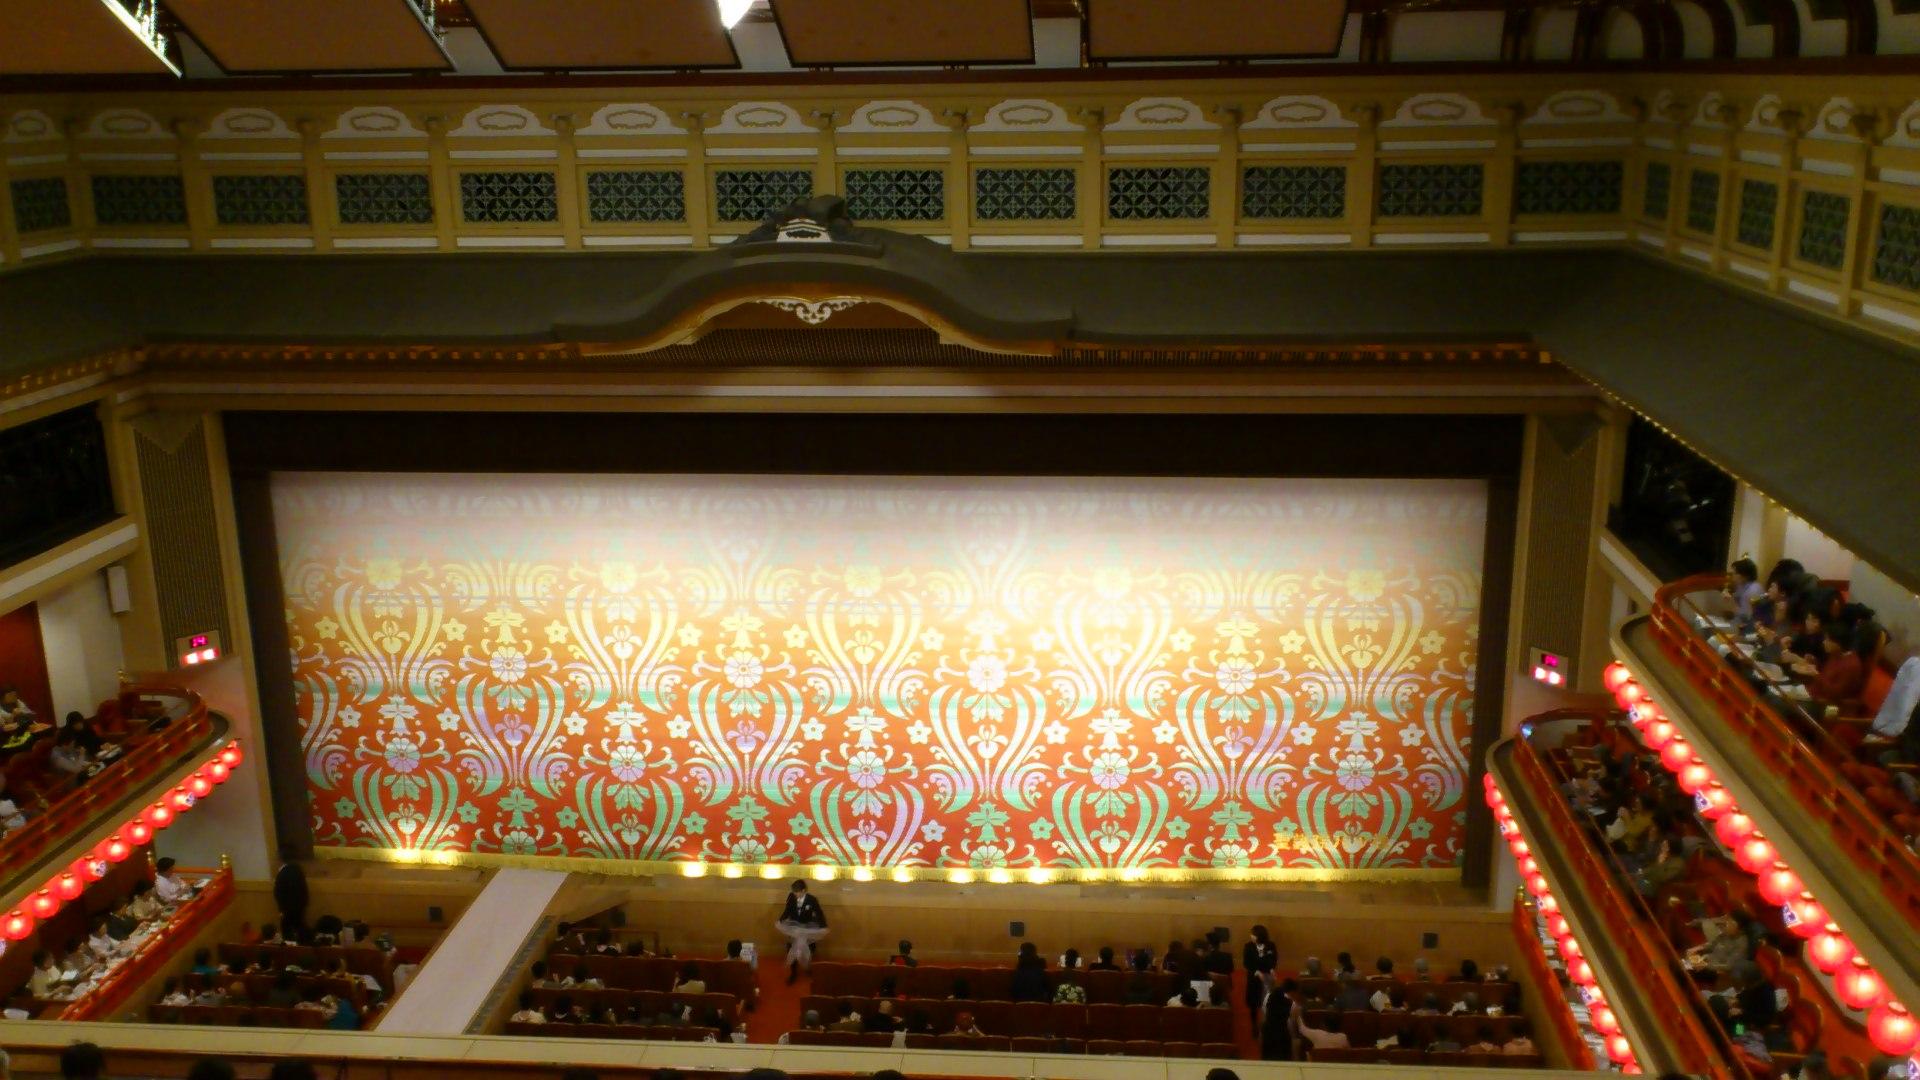 南座顔見世興行夜の部初日・歌舞伎を鑑賞するシアワセを感じさせていただけます